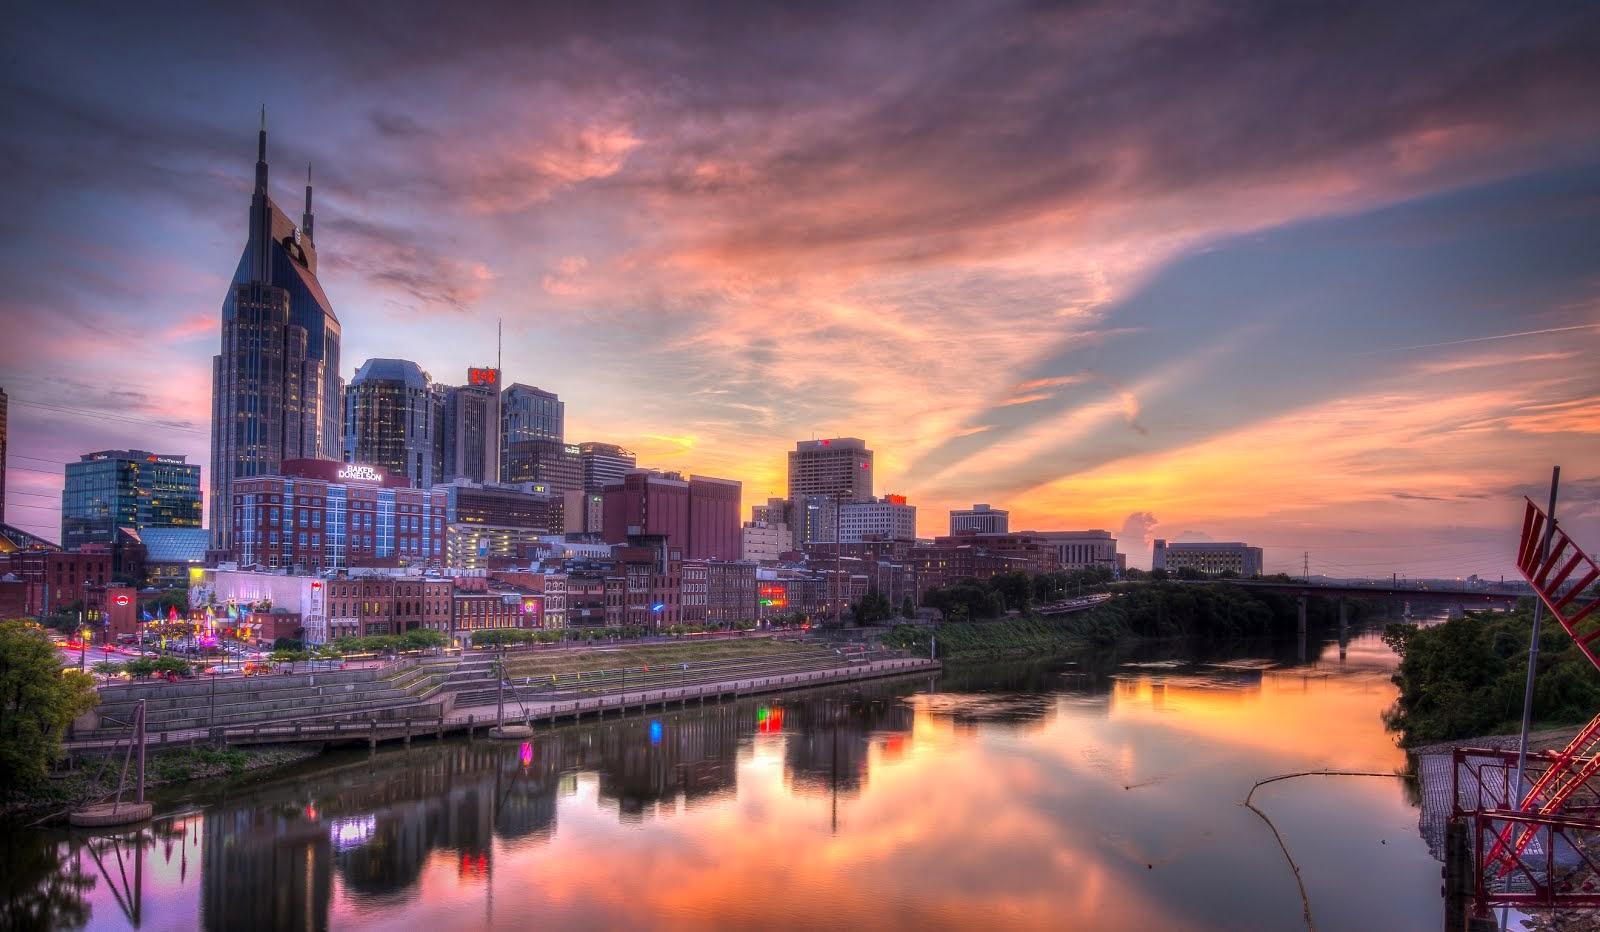 Nashville Tennessee August 2014